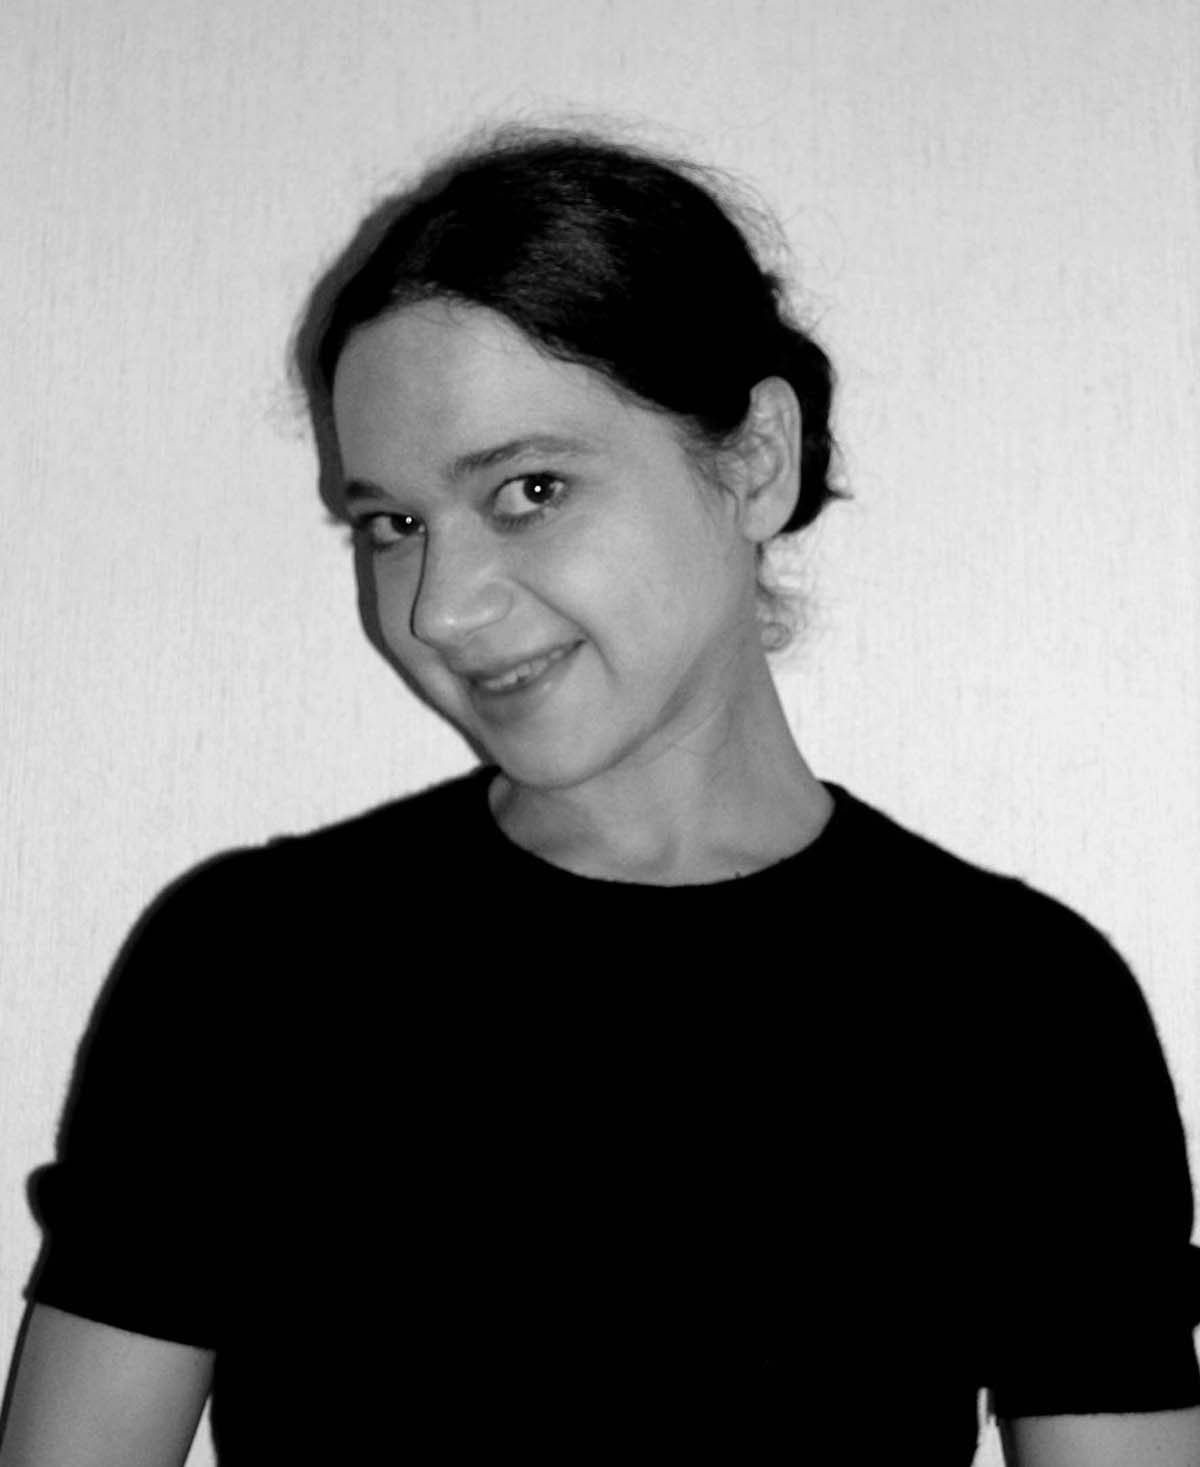 Paola Tosolini